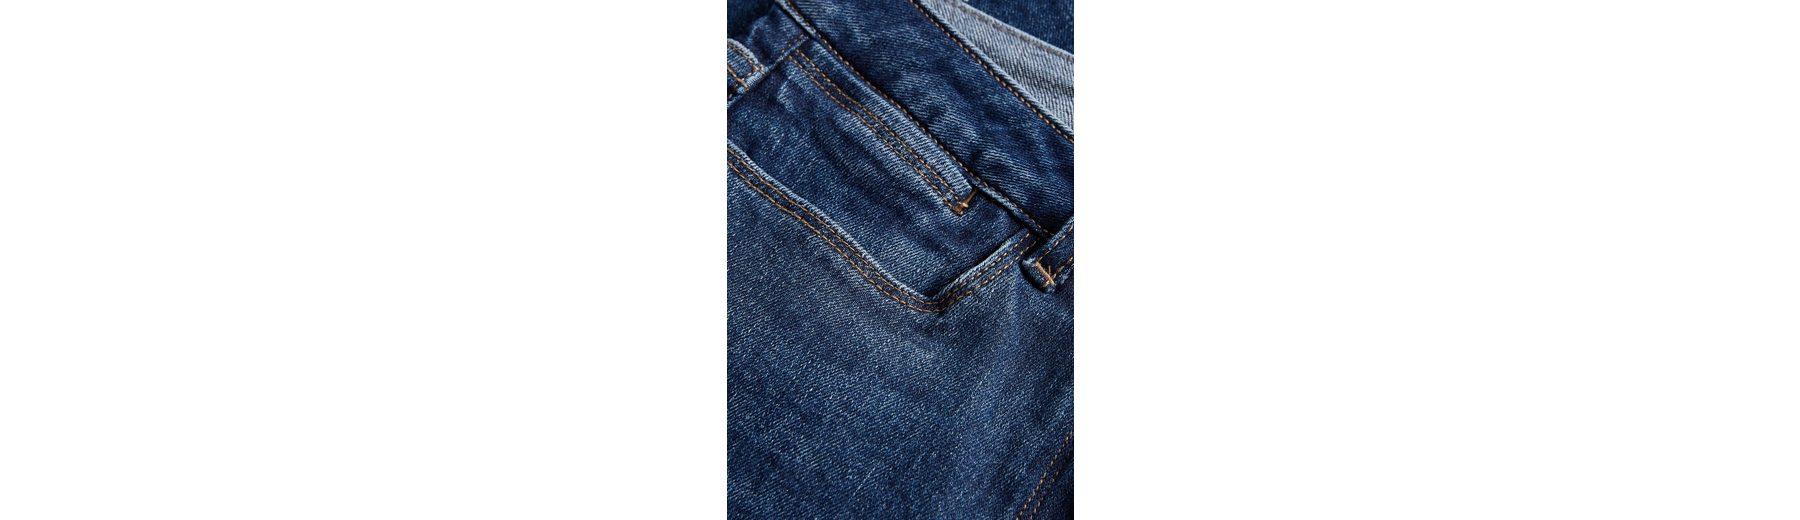 Next Skinny-Jeans mit Saum in Used-Optik Rabatt Heißen Verkauf JYsZi7LJ